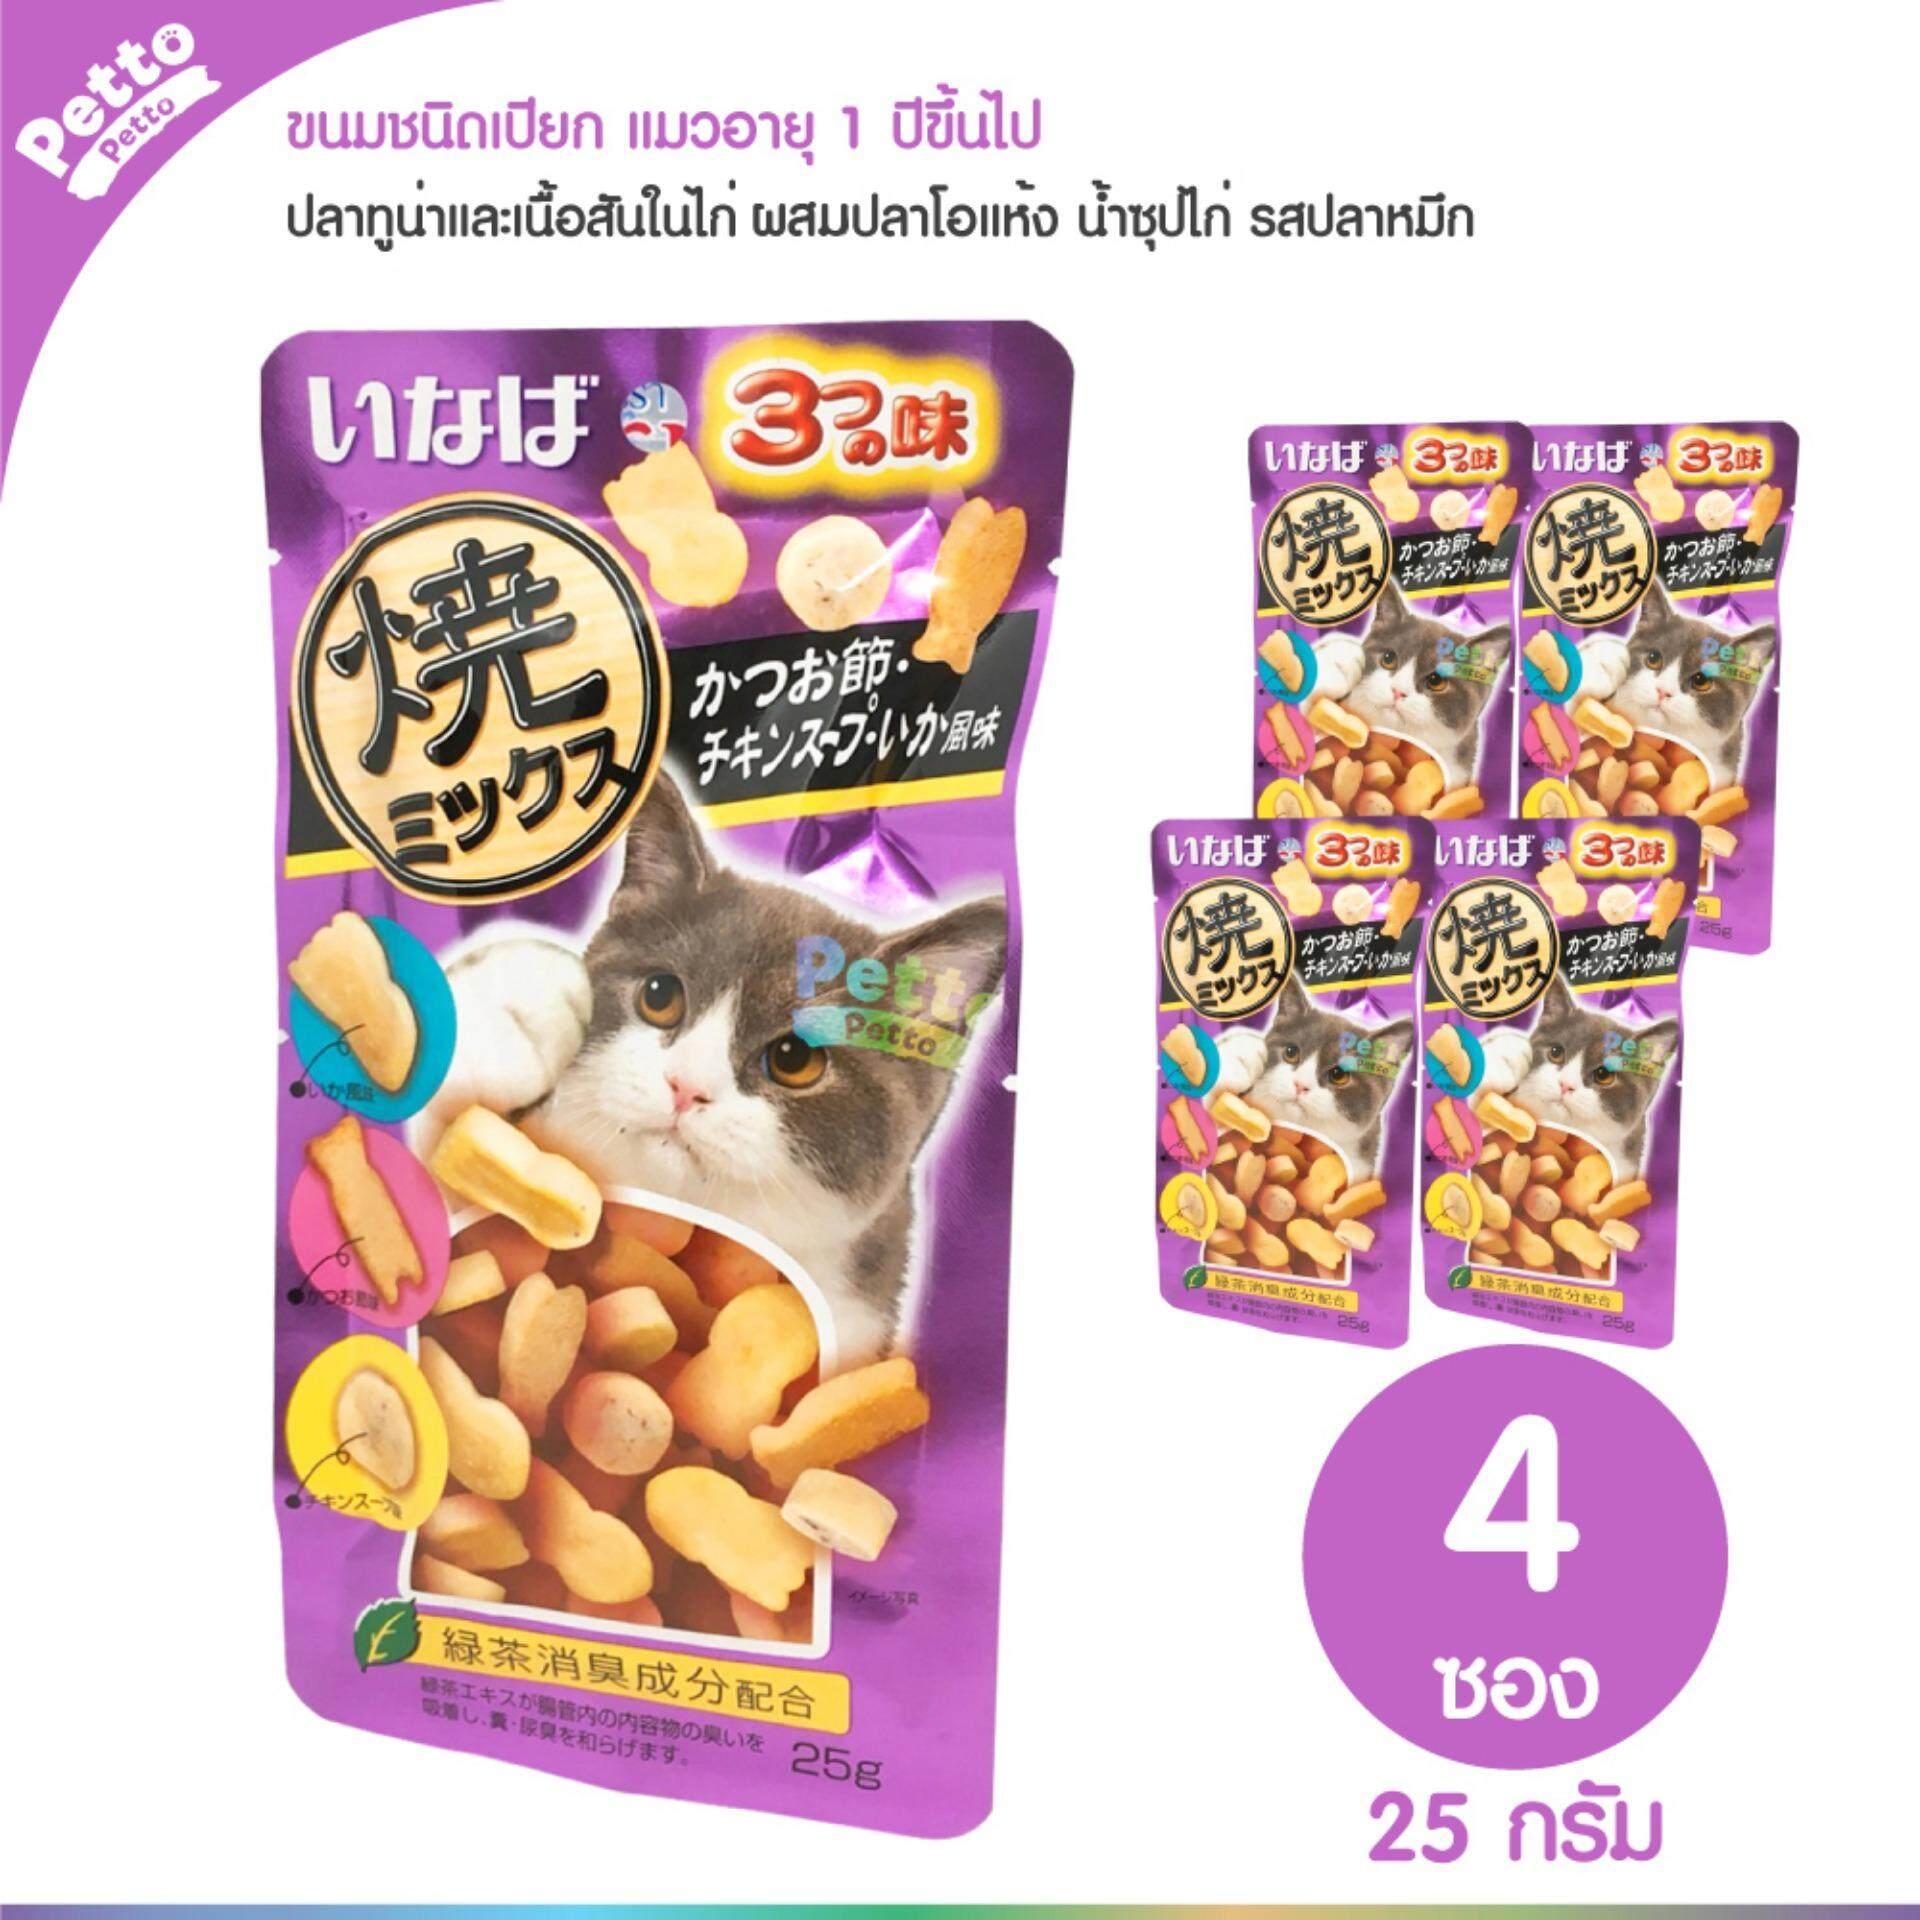 Inaba Soft Bits ขนมแมว รสปลาทูน่าและเนื้อสันในไก่ ผสมปลาโอแห้ง น้ำซุปไก่ รสปลาหมึก 25 กรัม - 4 ชิ้น By Petto Petto.